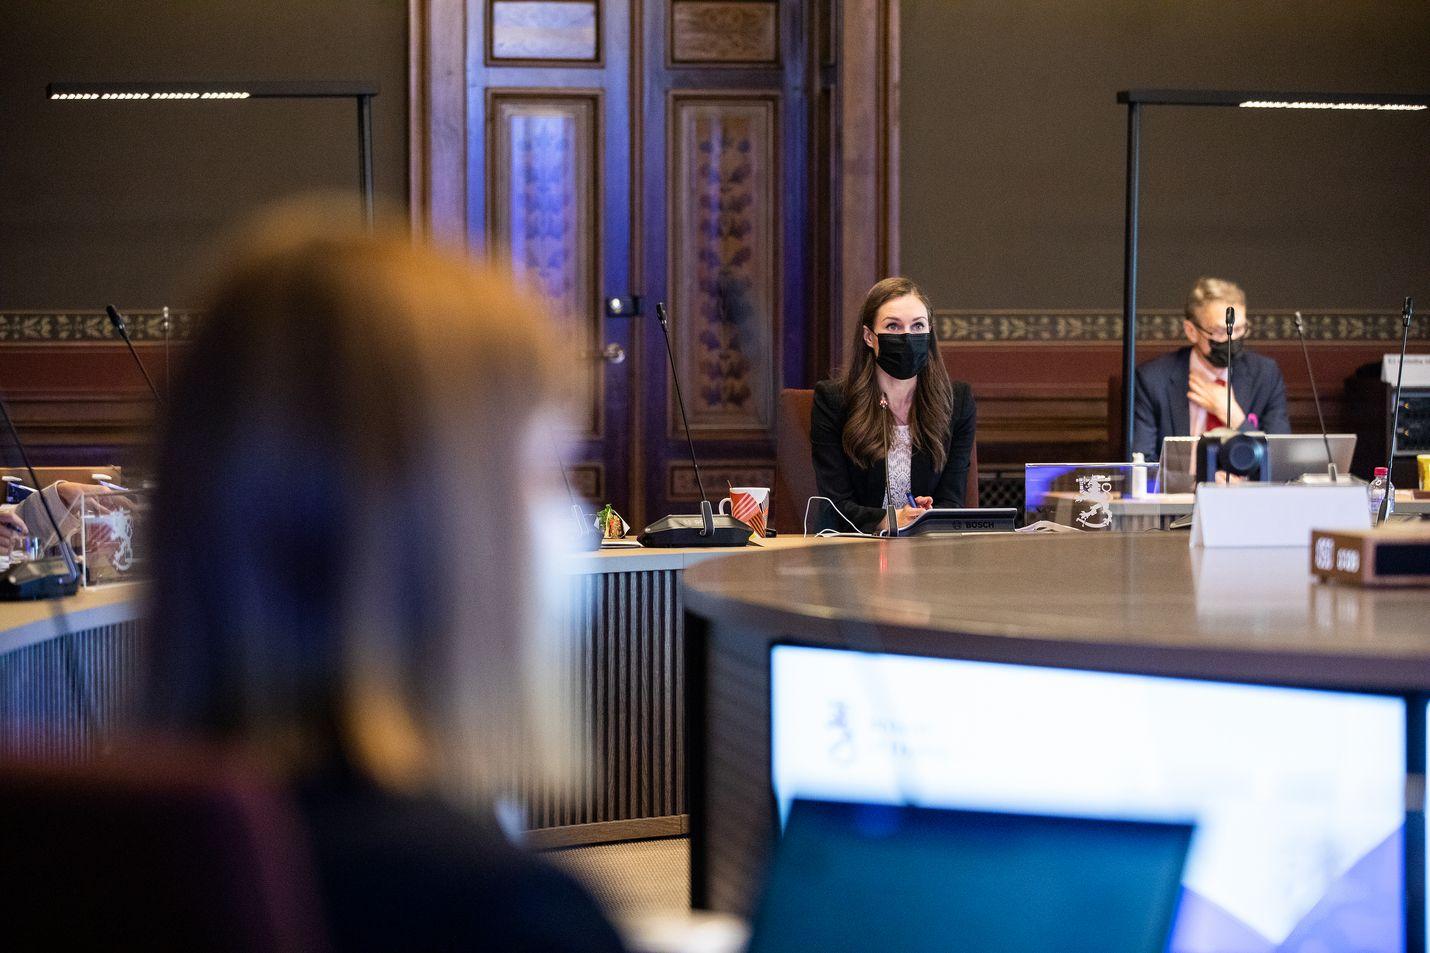 Pääministeri Sanna Marin johti budjetin valmistelua Säätytalossa. Neuvotteluja oli pohjustettu erityisavustajien kesken jo pitkään.